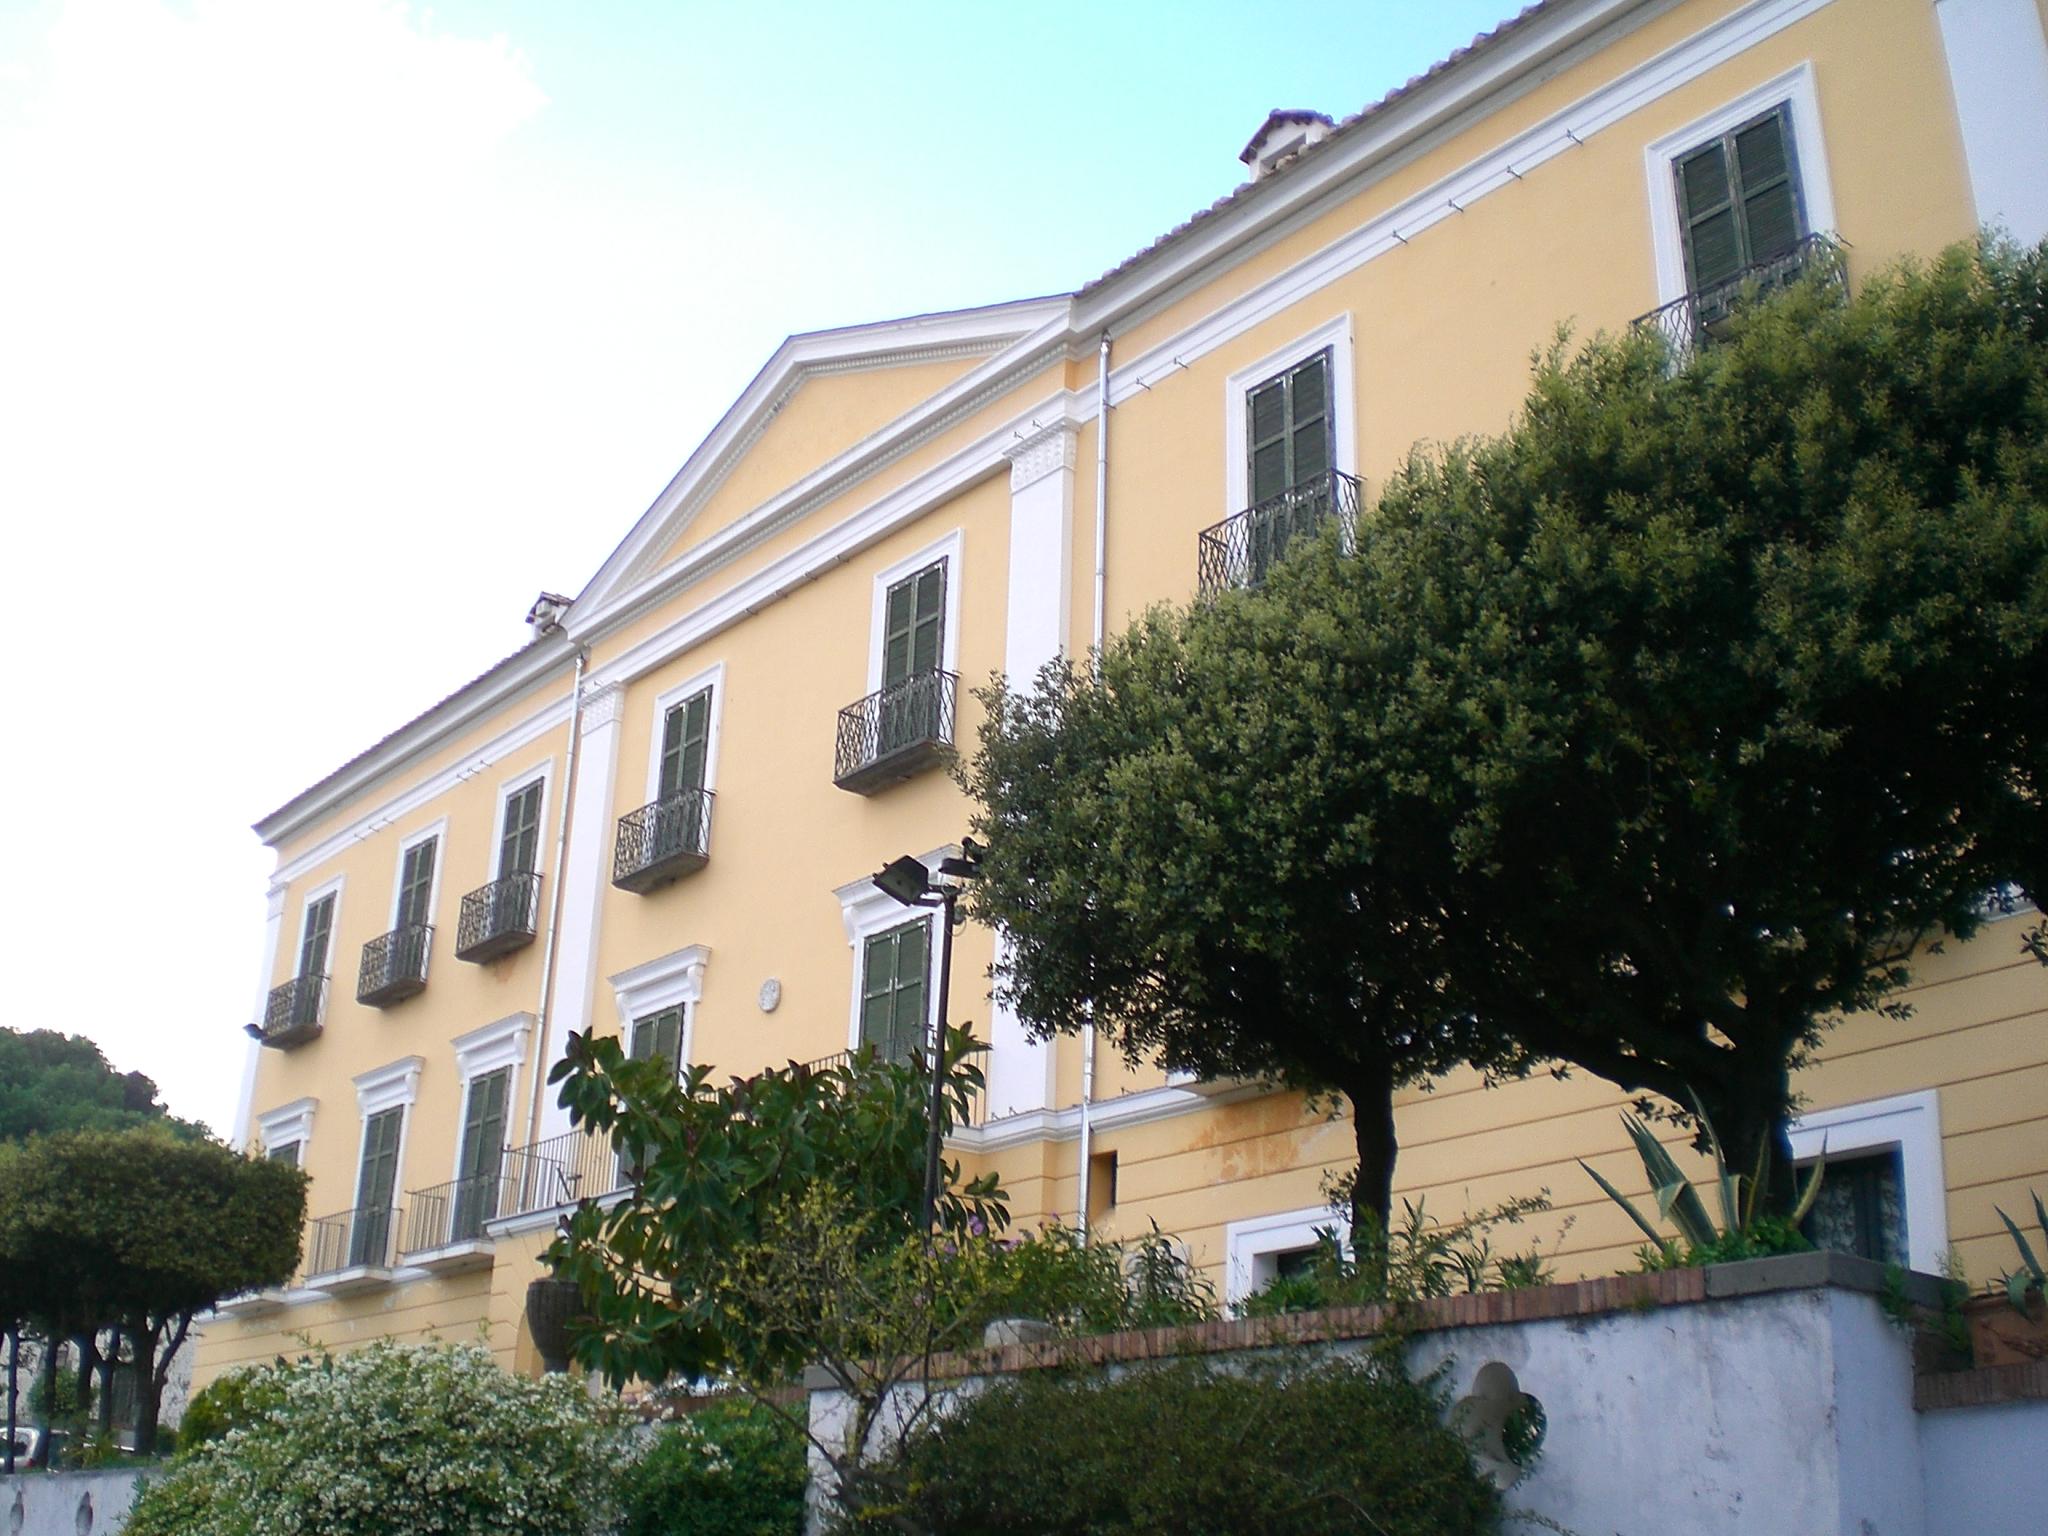 File:Villa Guariglia jpg - Wikipedia